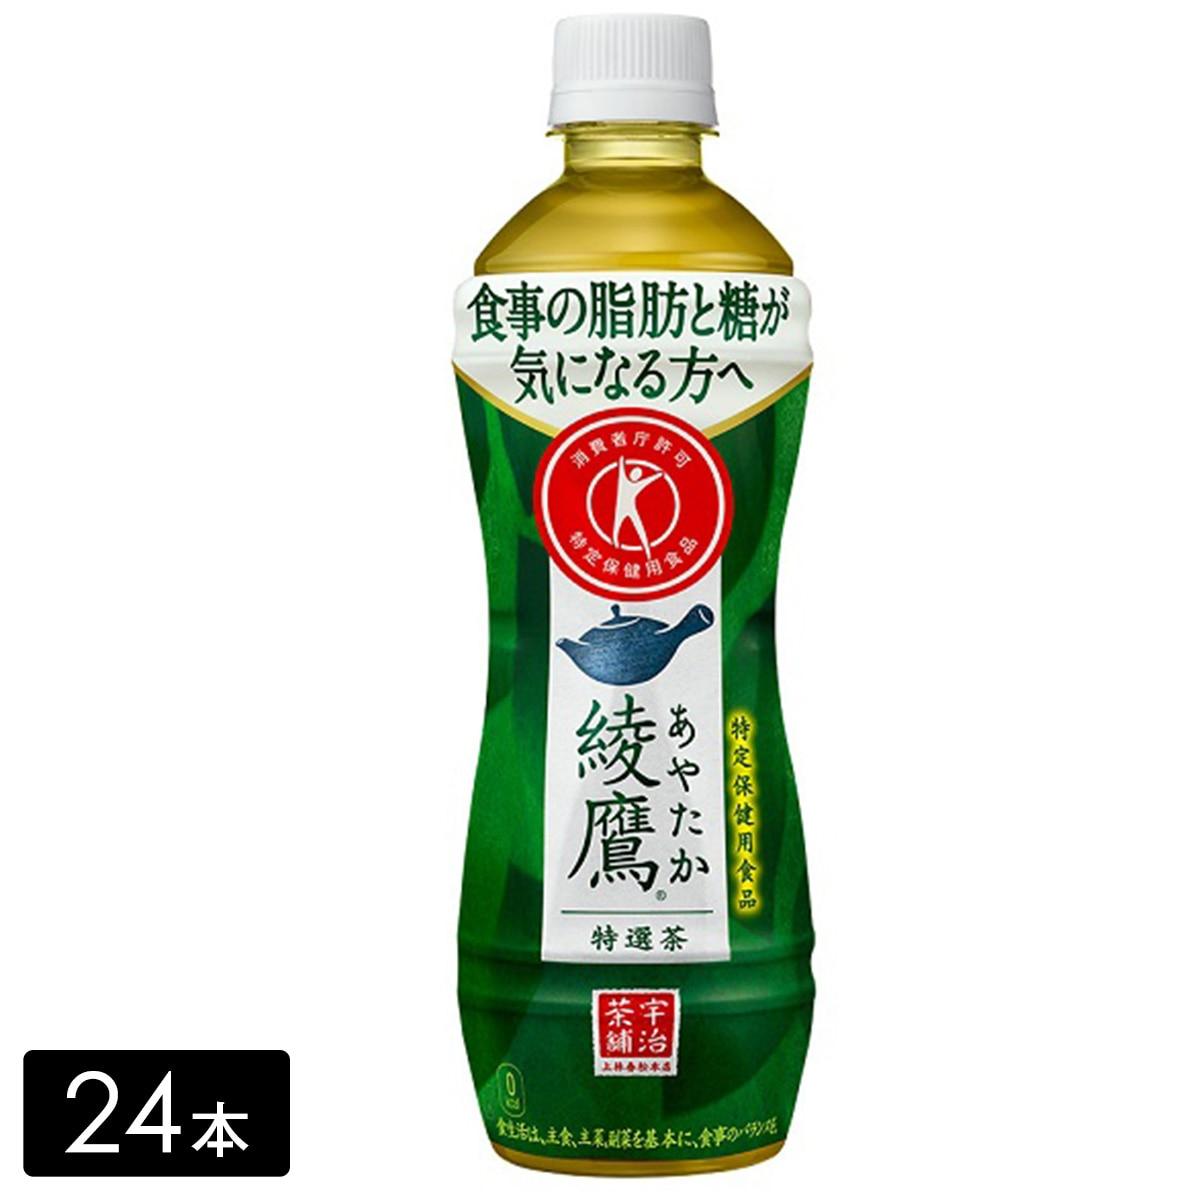 綾鷹 緑茶 特選茶 500mL×24本